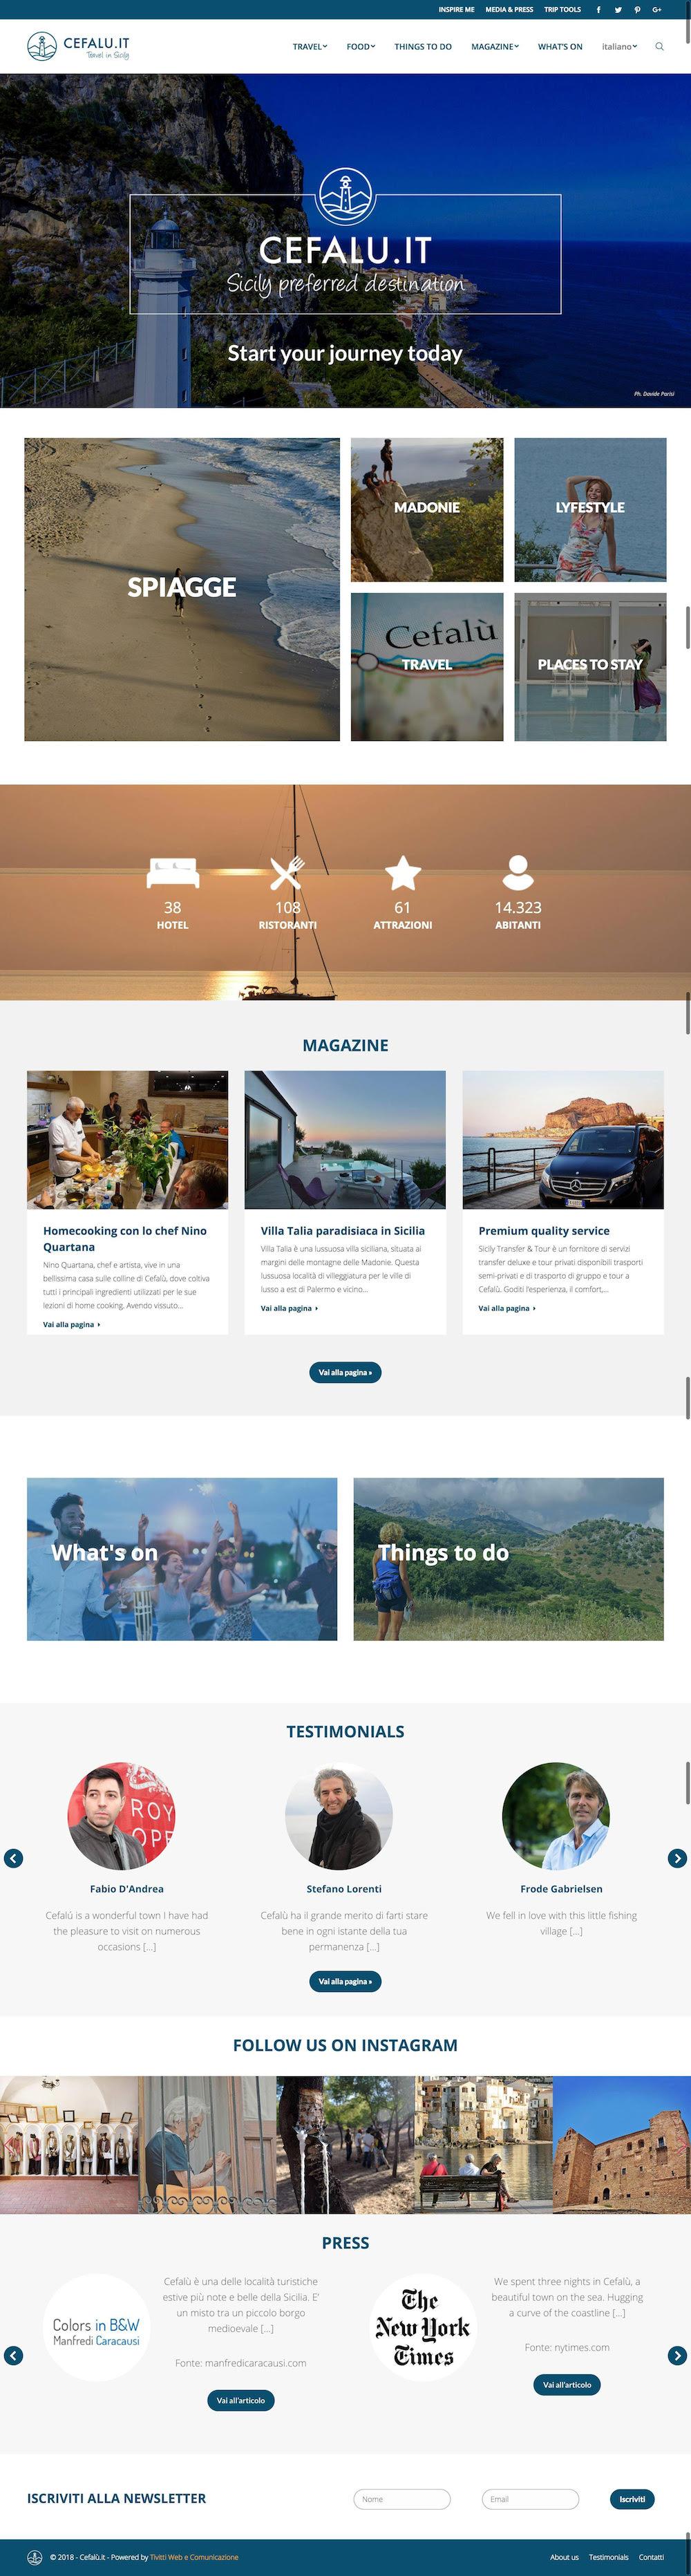 Cefalù.it, nuovo portale sul turismo per la Perla del Tirreno e le Madonie